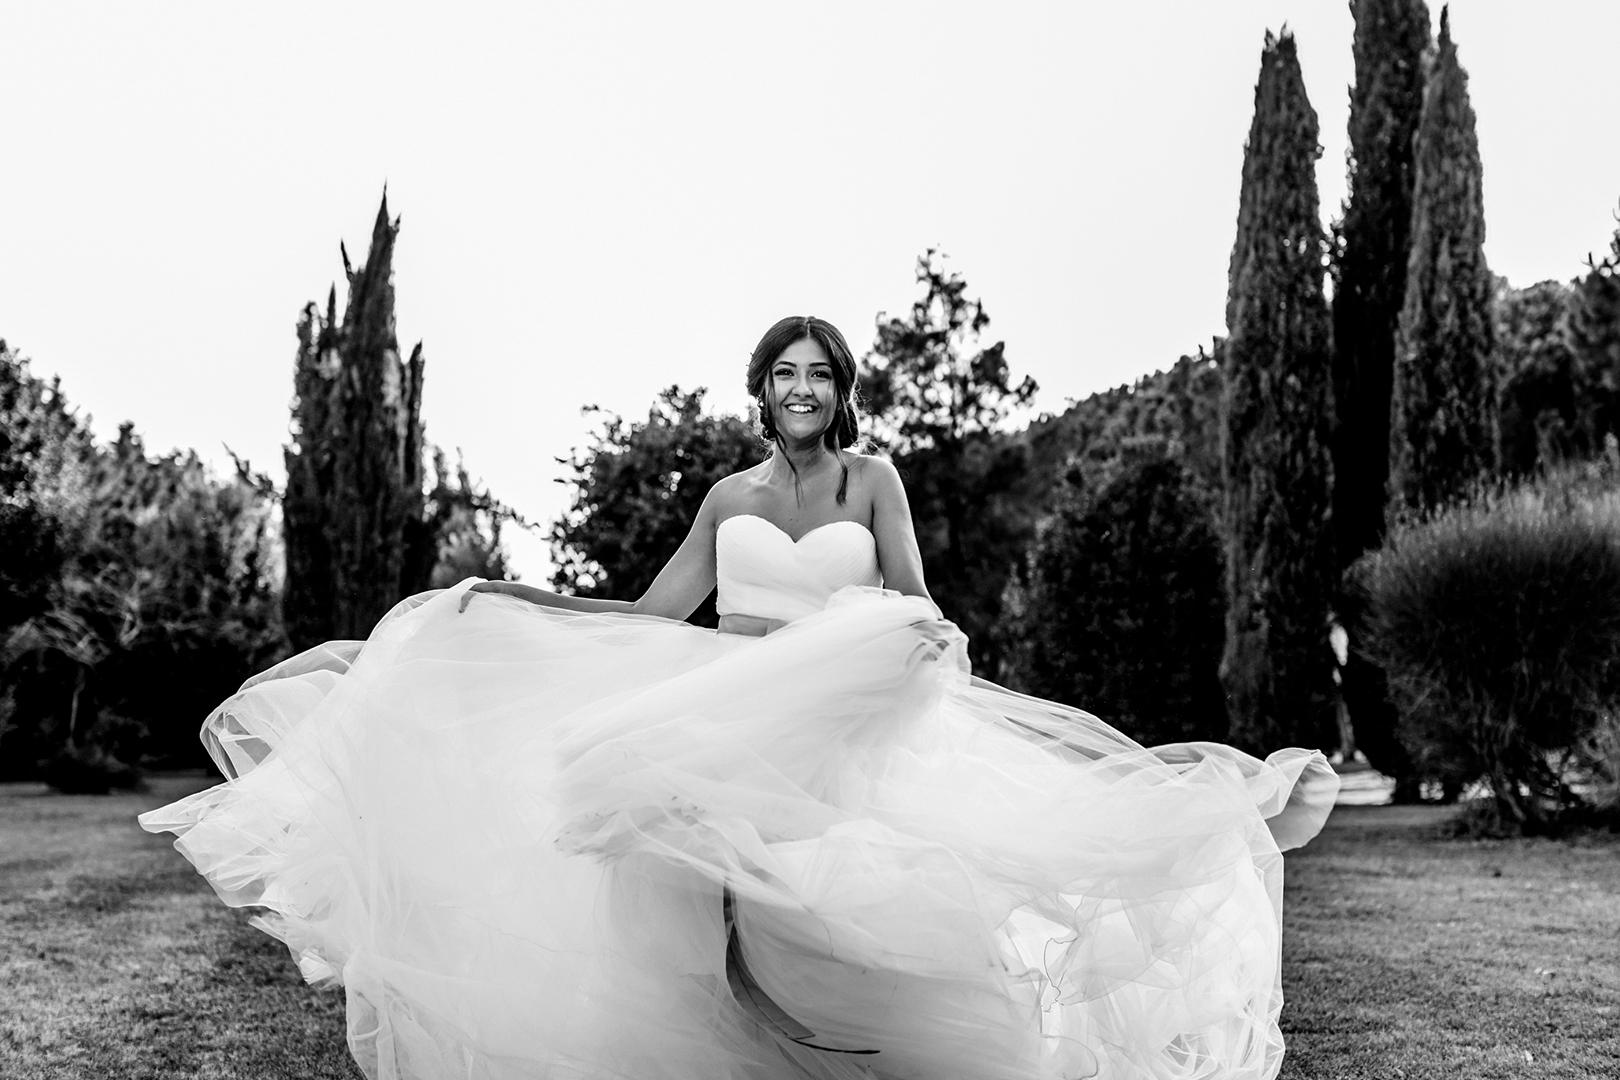 68 gianni-lepore-sposa-bride-bianco-nero